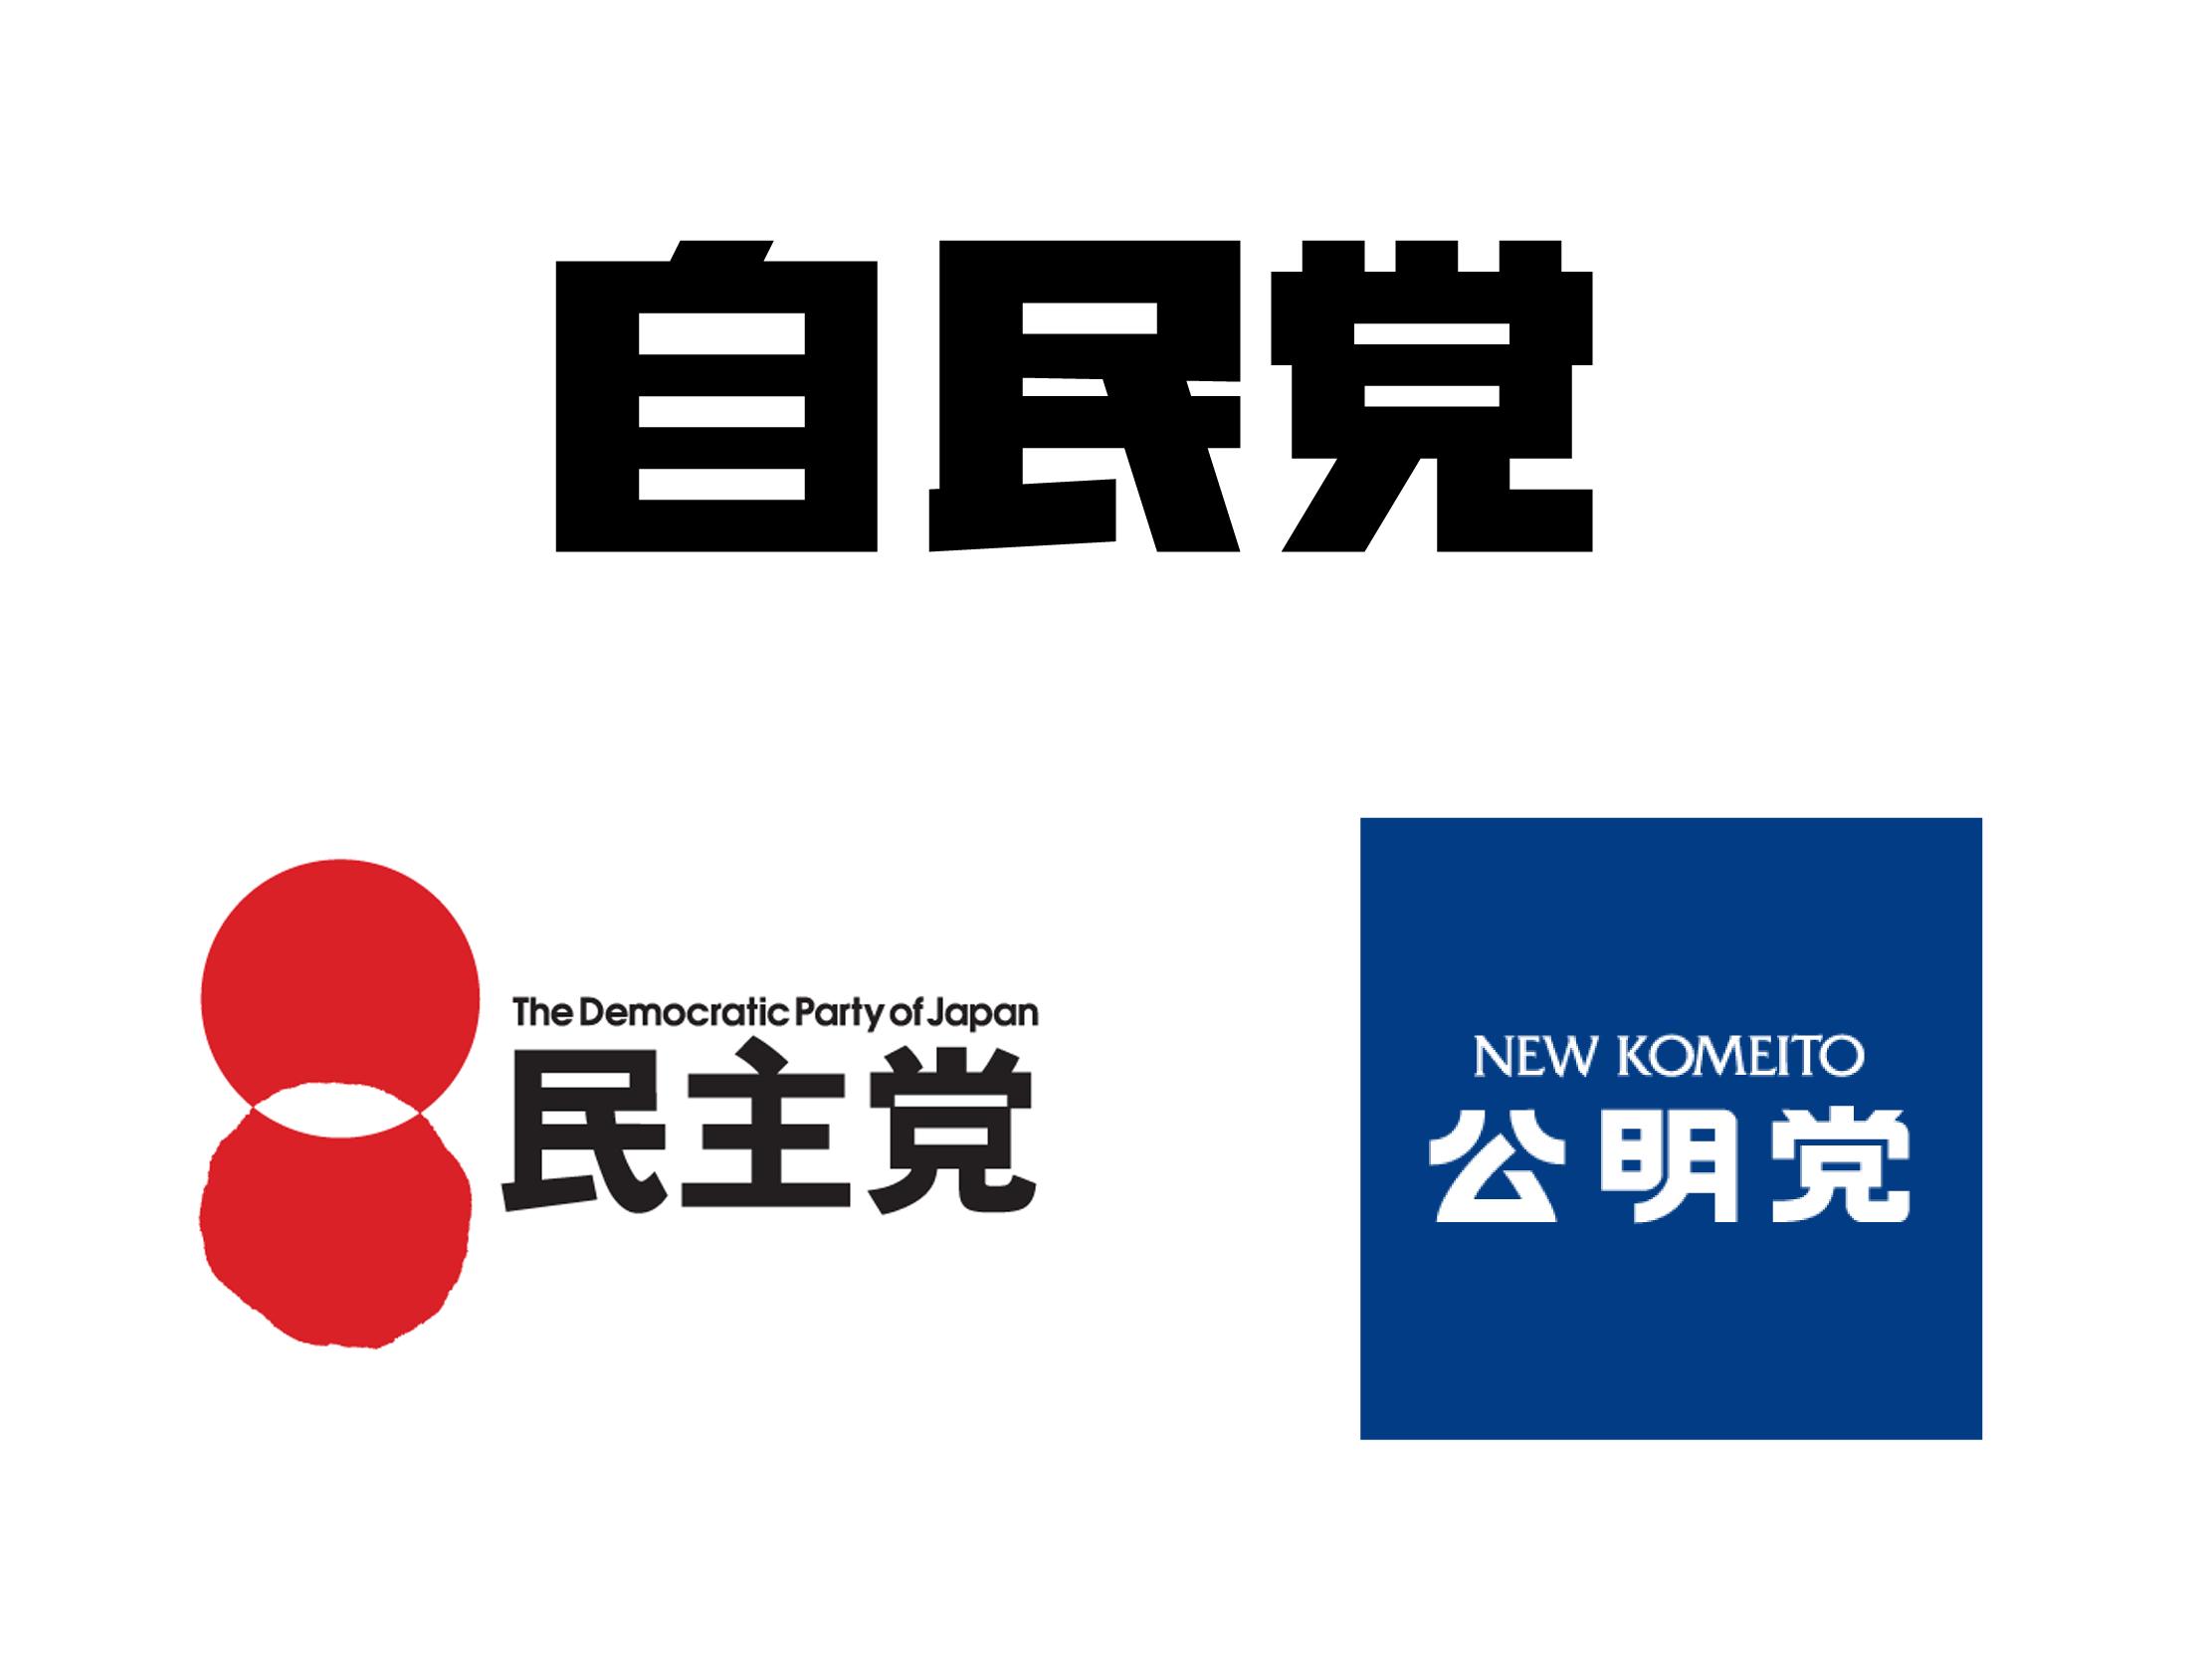 最近乐于观察日本政党名字的字体设计.